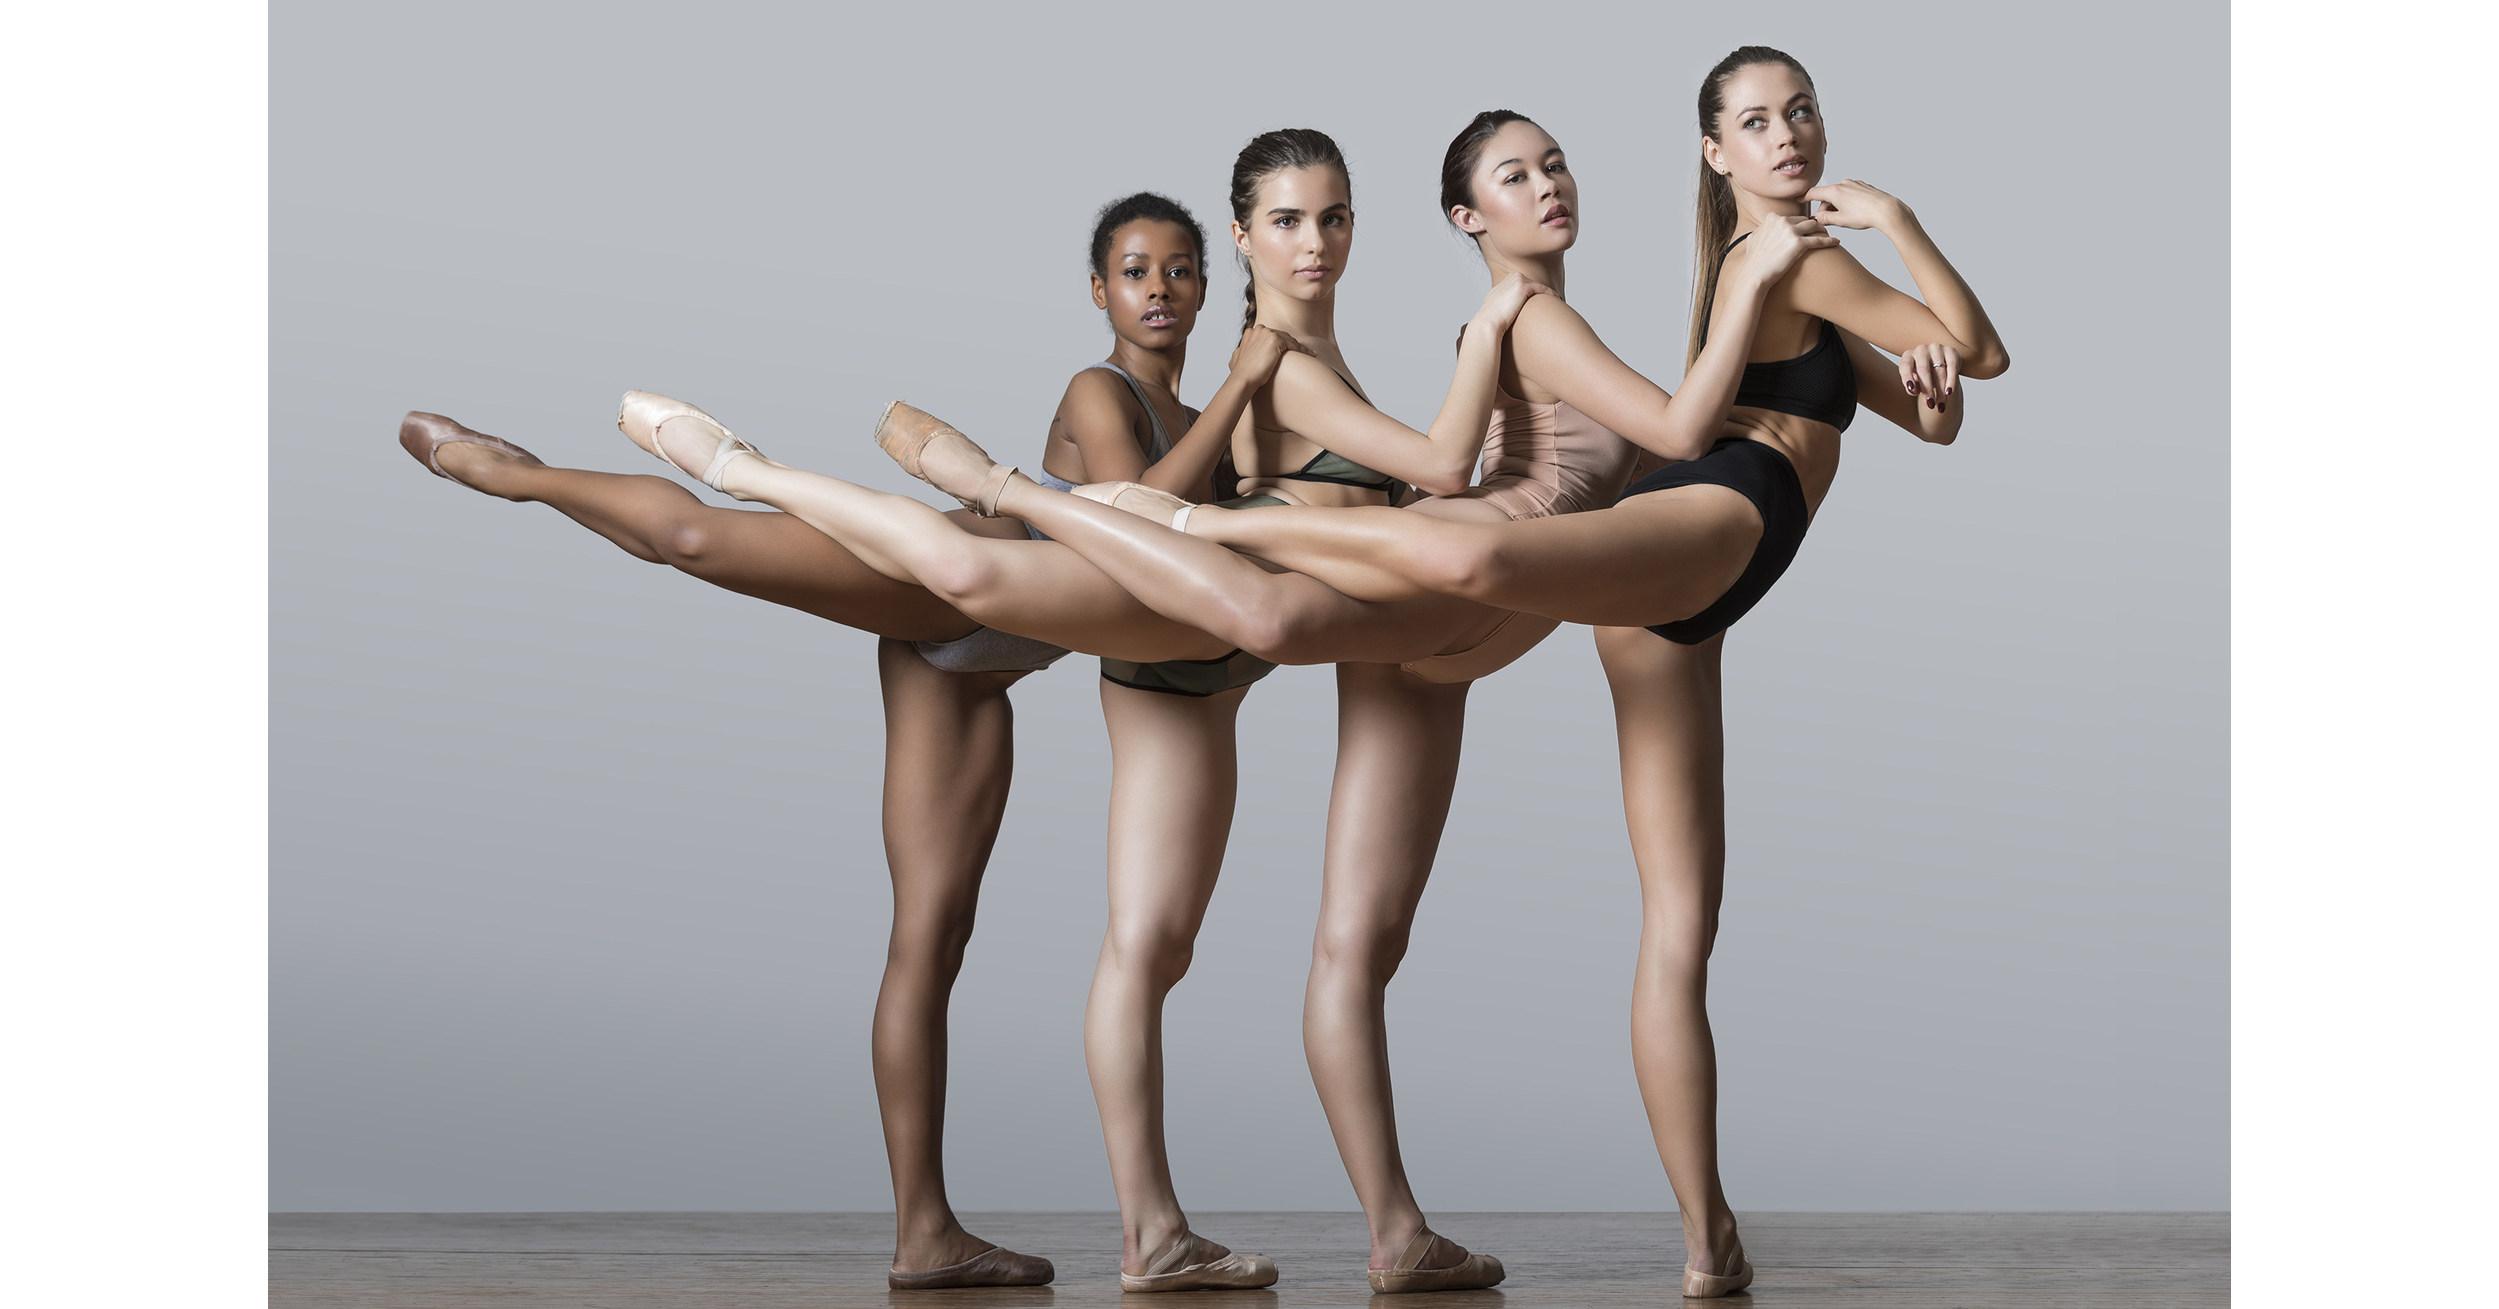 9 Shockingly Tone-Deaf Ads That Should Have Never Happened Deaf fashion in ballet